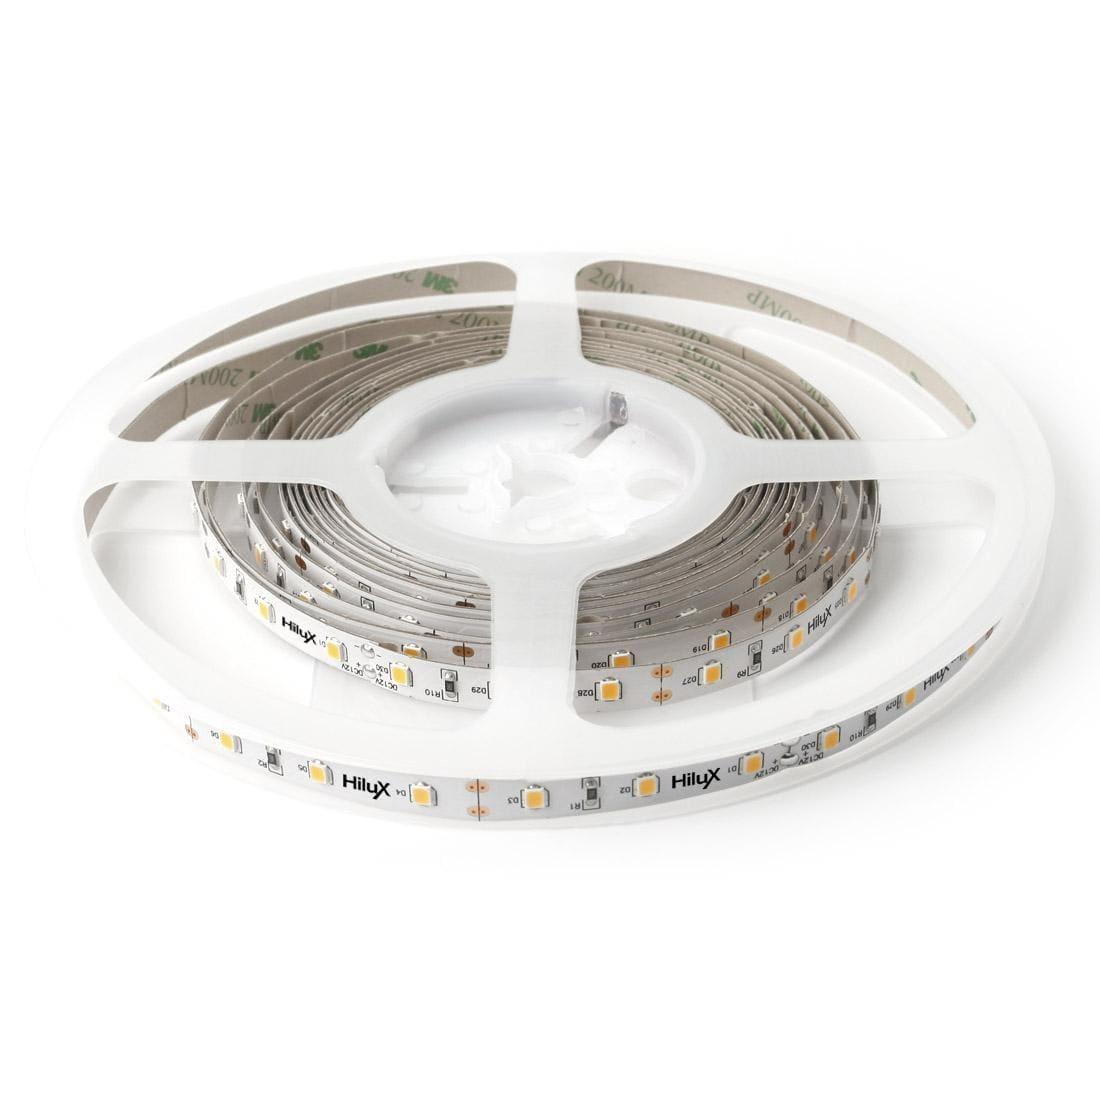 Fantastisk Køb HiluX LED Bånd, 950 lumen, 5 meter, Hvid 197-009 DI25